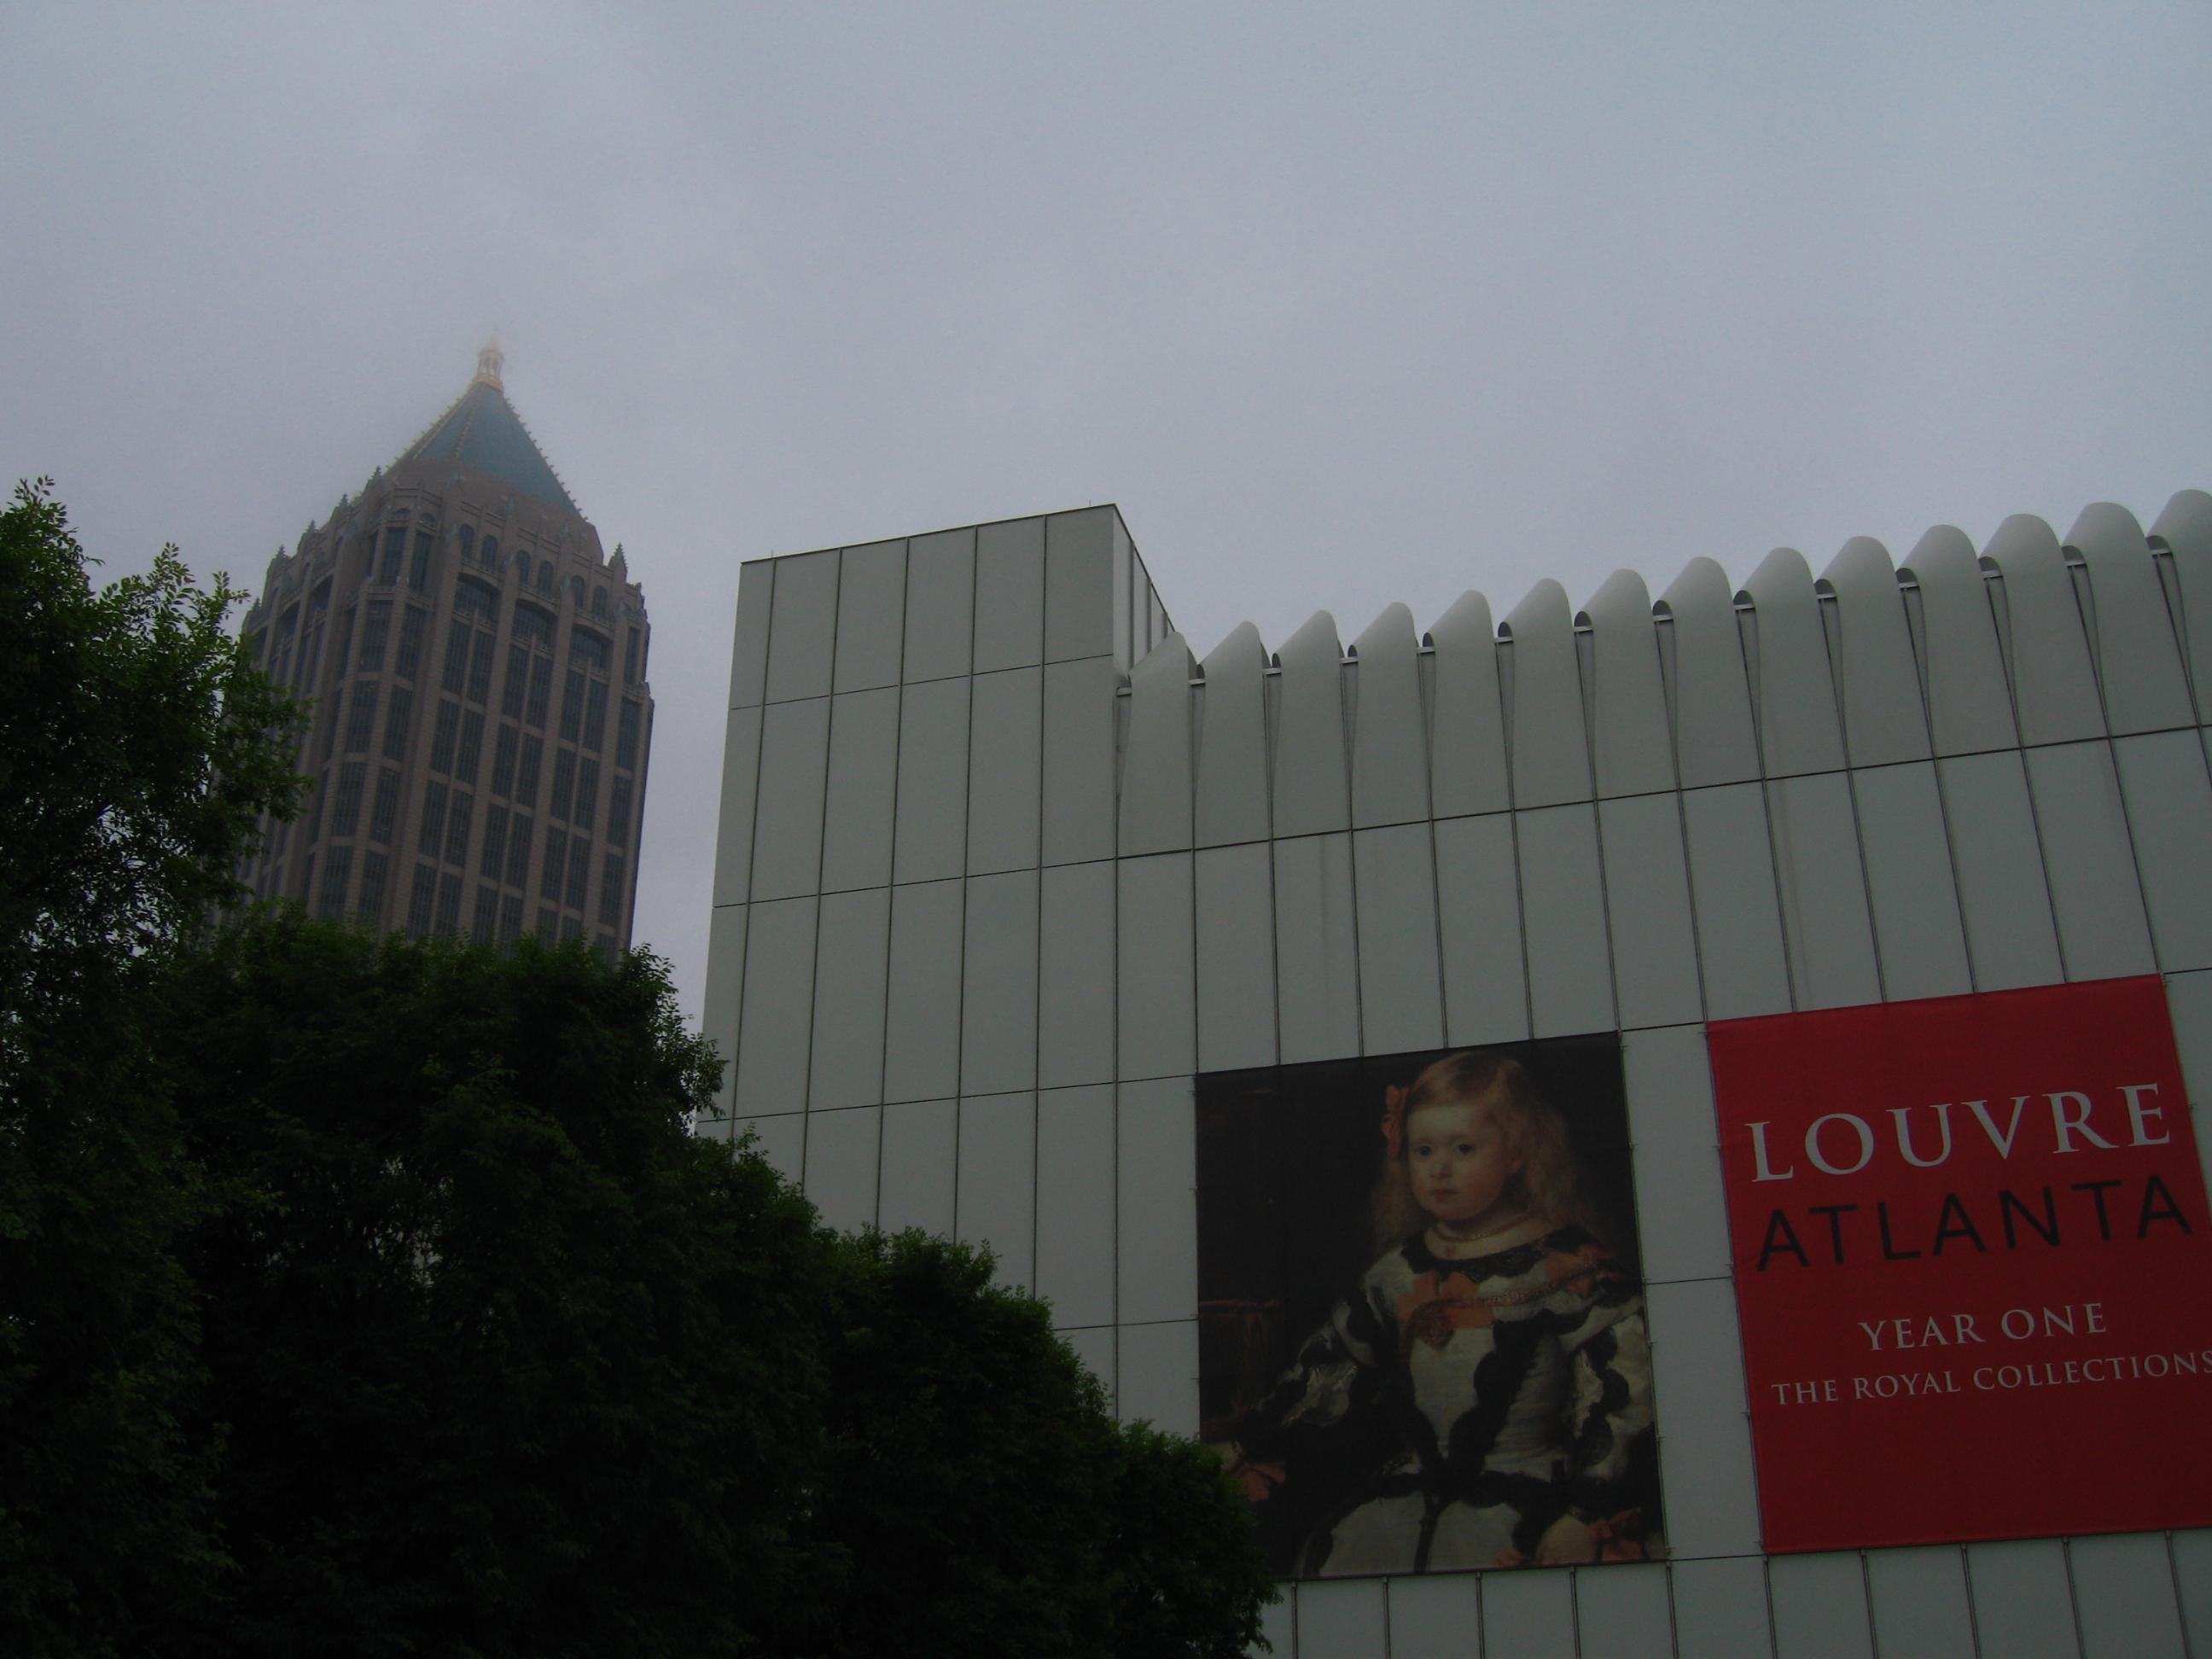 High Museum of Art, Atlanta, Georgia